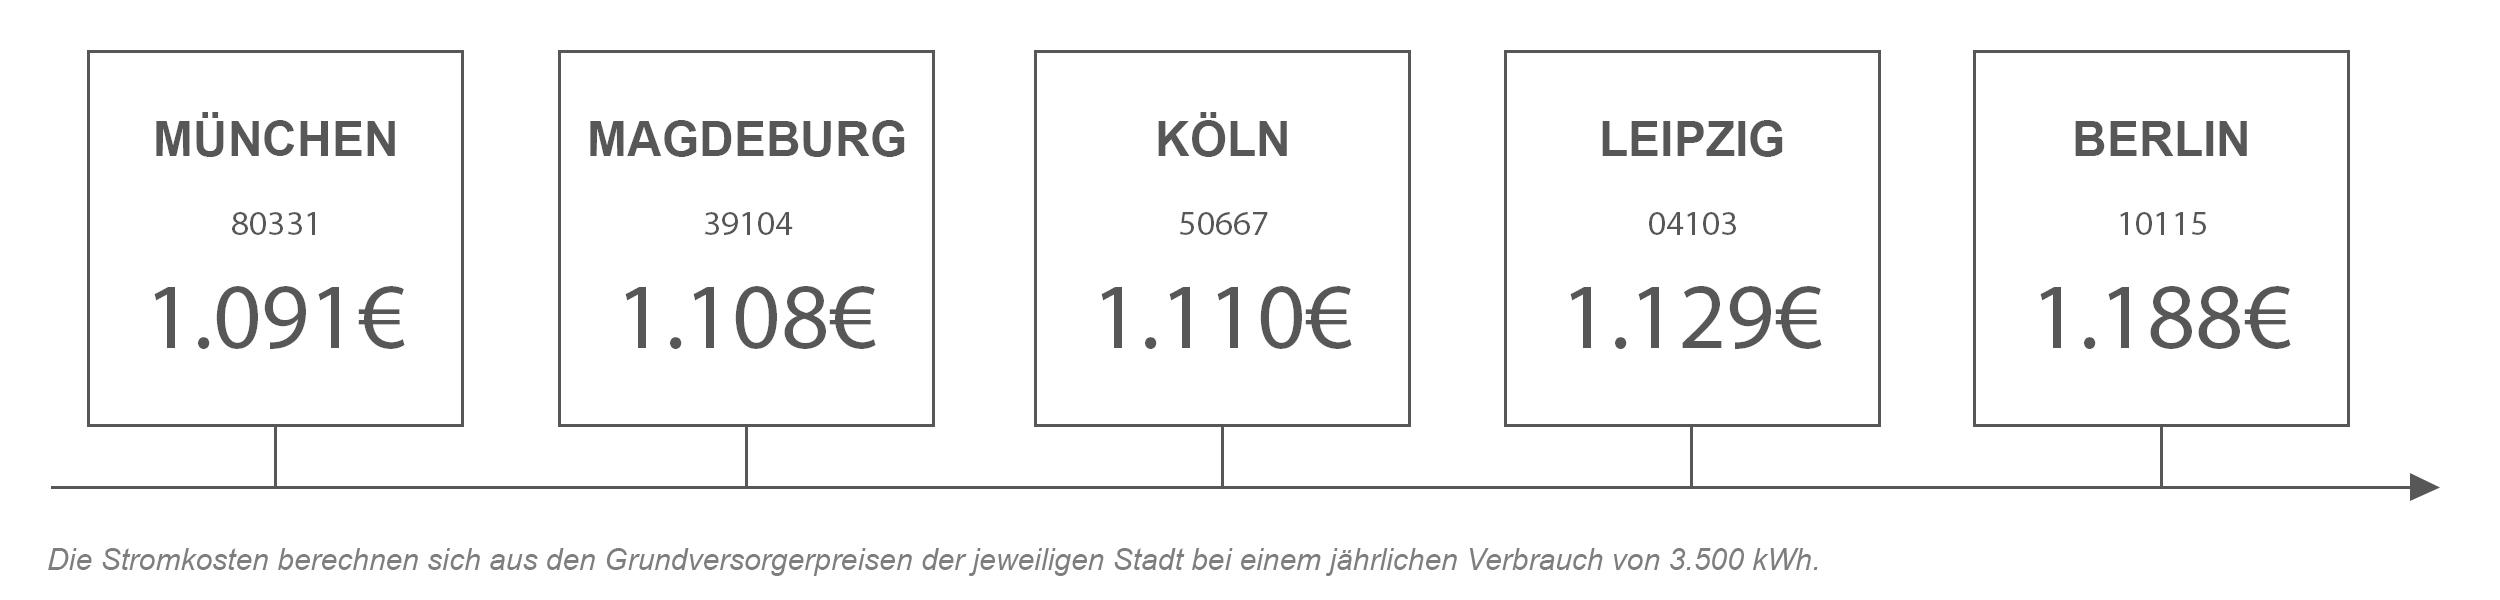 Strompreisvergleich von Magdeburg mit anderen Städten